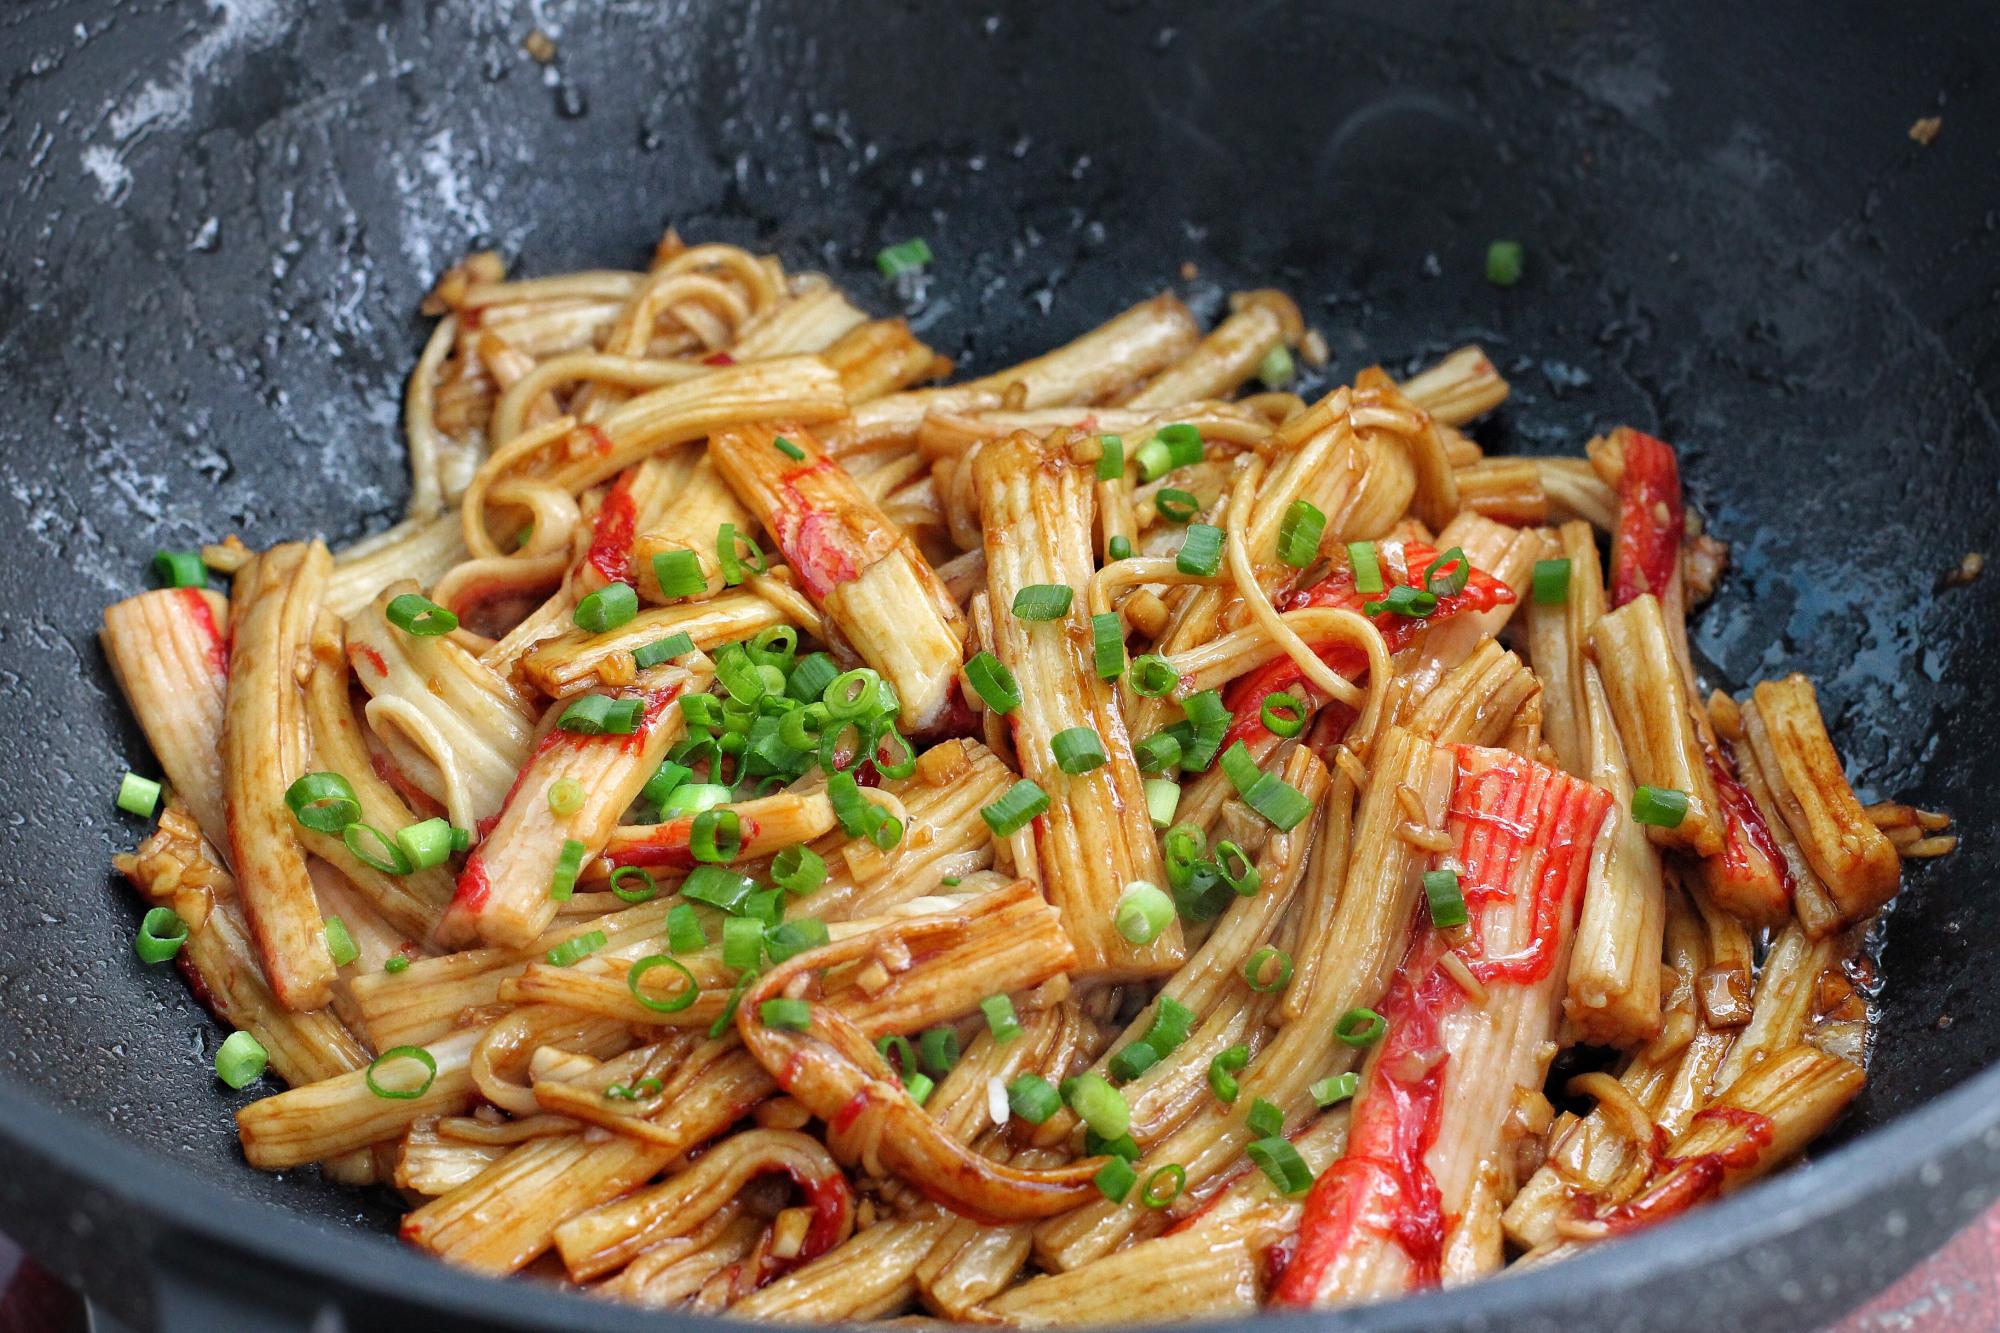 简单快手下饭菜,五分钟出锅毫无难度,口感鲜美嫩滑就是太费米饭 美食做法 第10张